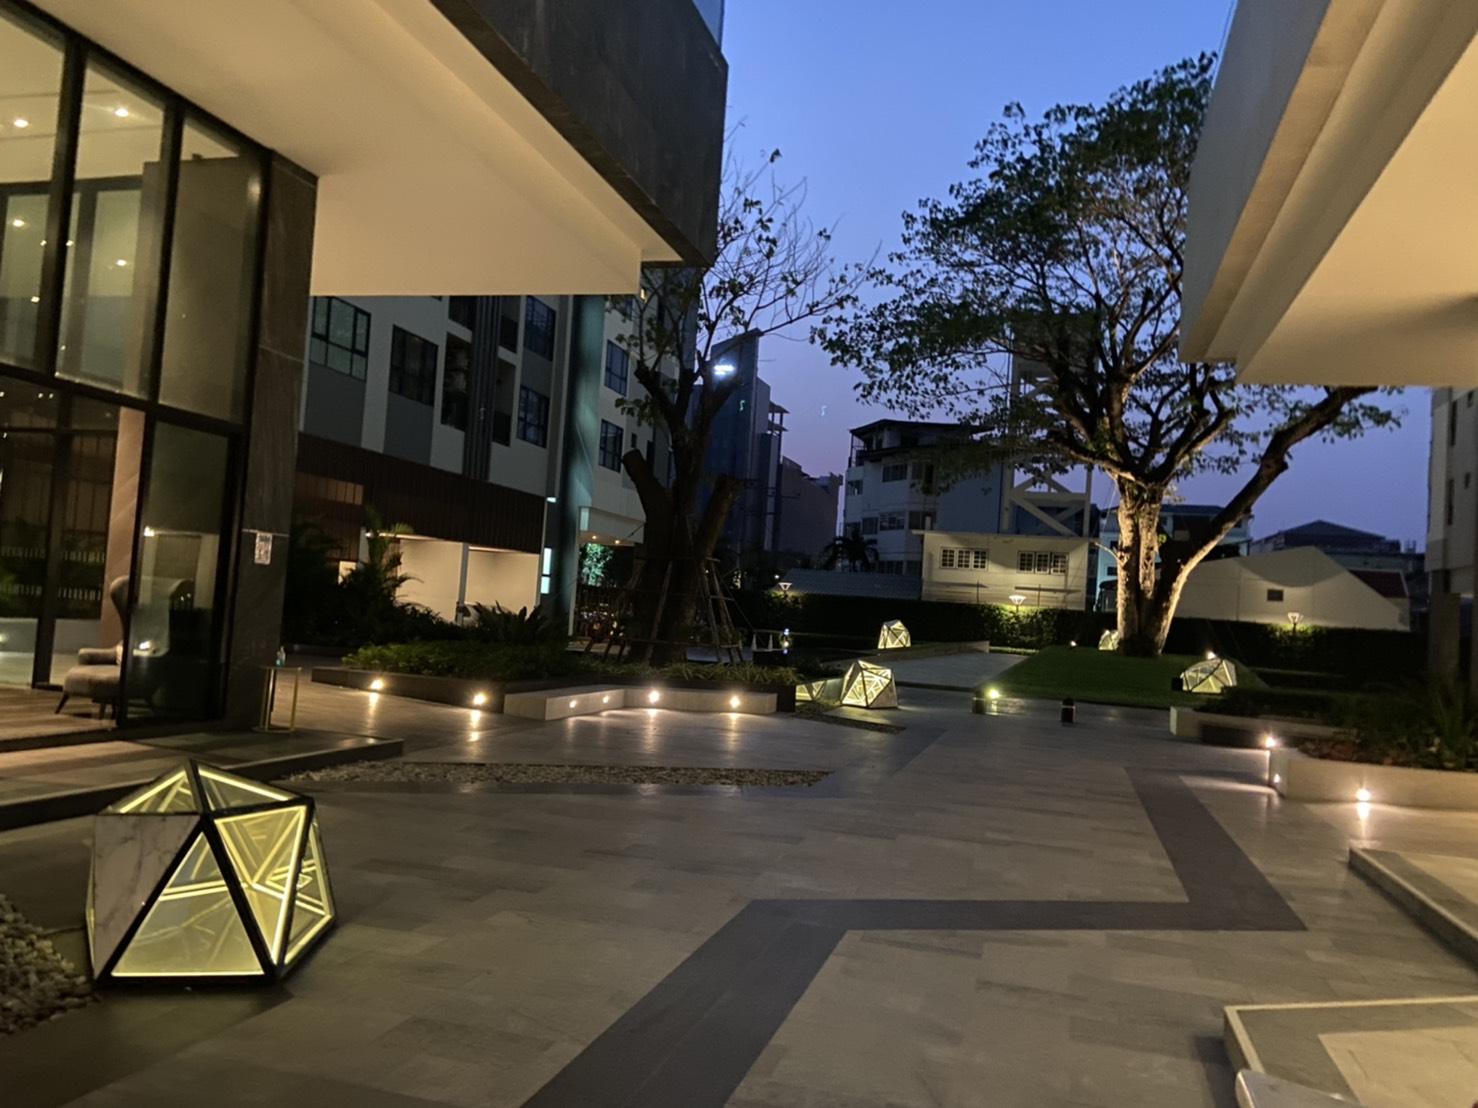 ขายคอนโด เดอะ เบส เซ็นทรัล พัทยา The BASE Central Pattaya